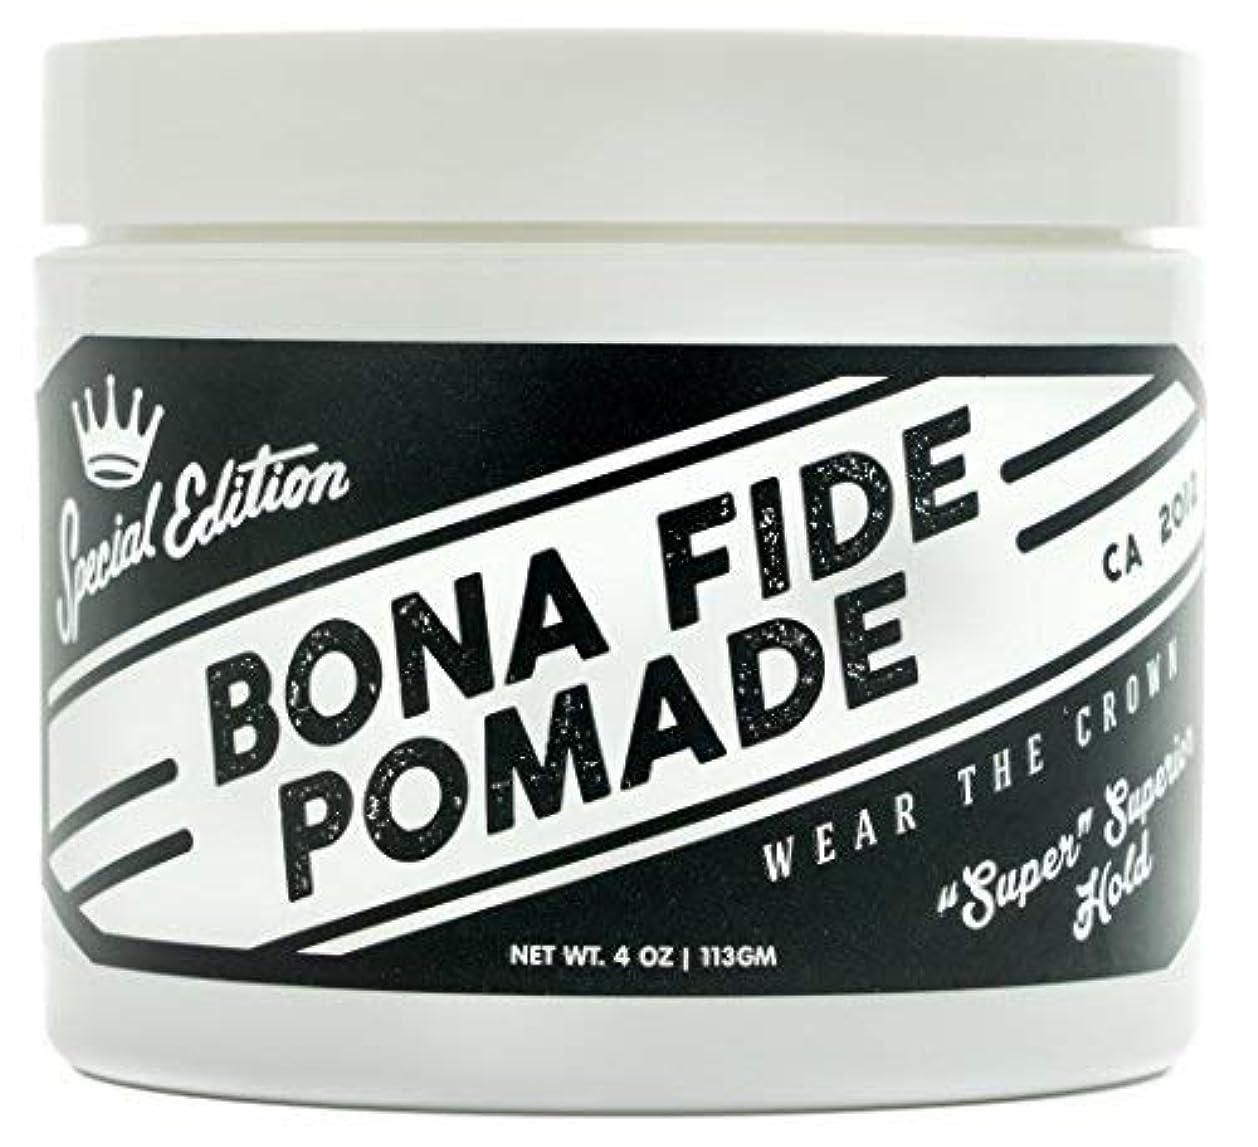 失業者複製遮るBona Fide Pomade, スーパースーペリアホールドSE, 4OZ (113g)、水性ポマード/ヘアー グリース (整髪料)